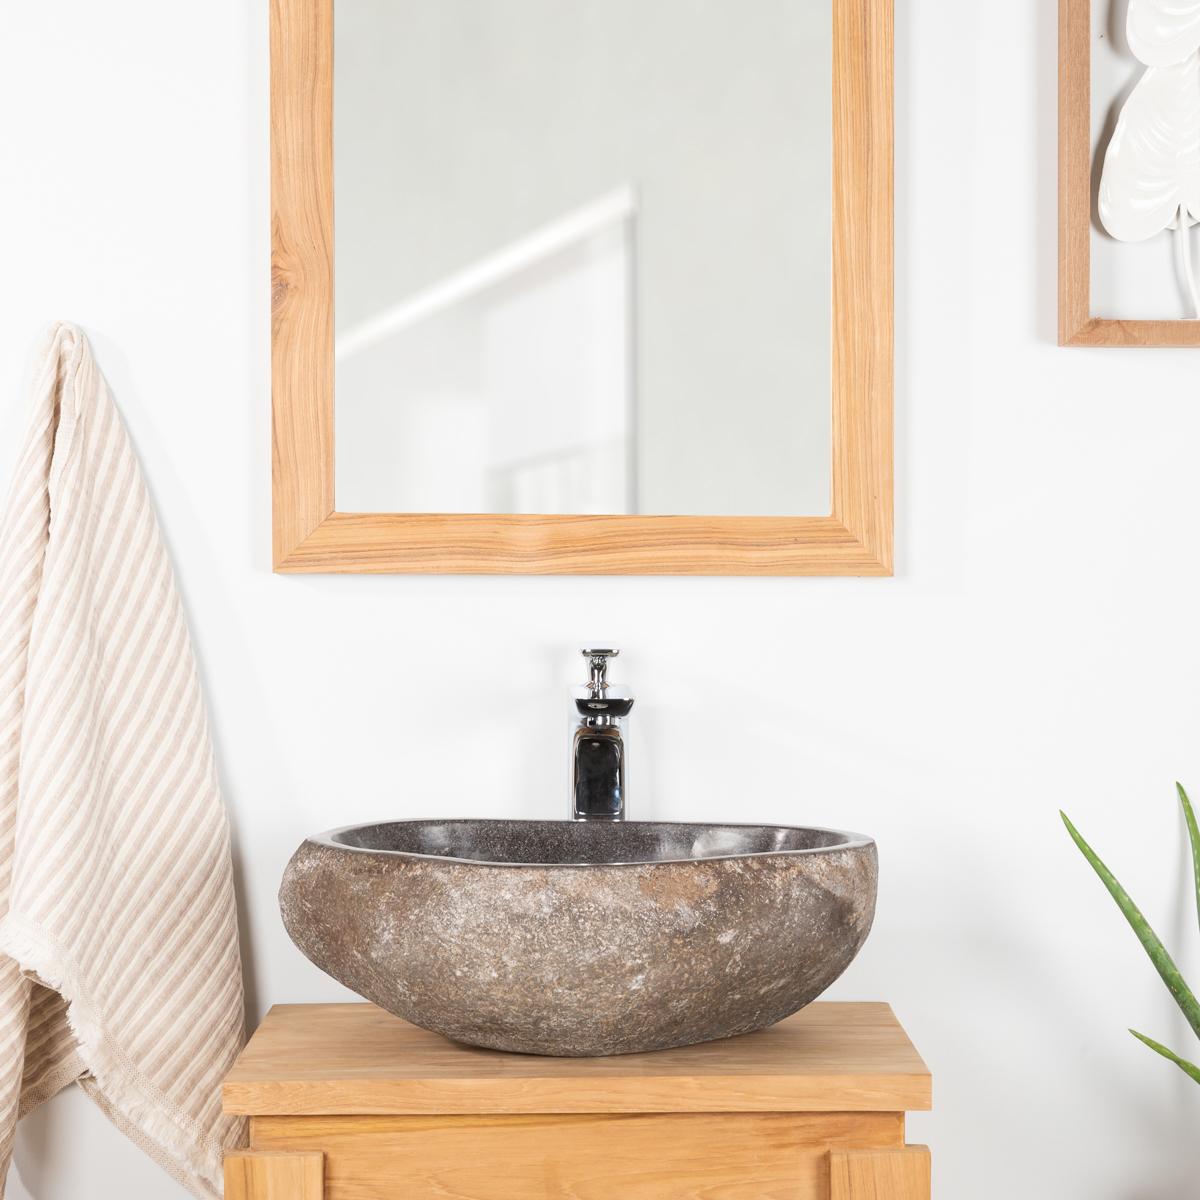 Lavabo sobre encimera de piedra de r o para ba o natural for Lavabo sobre encimera piedra